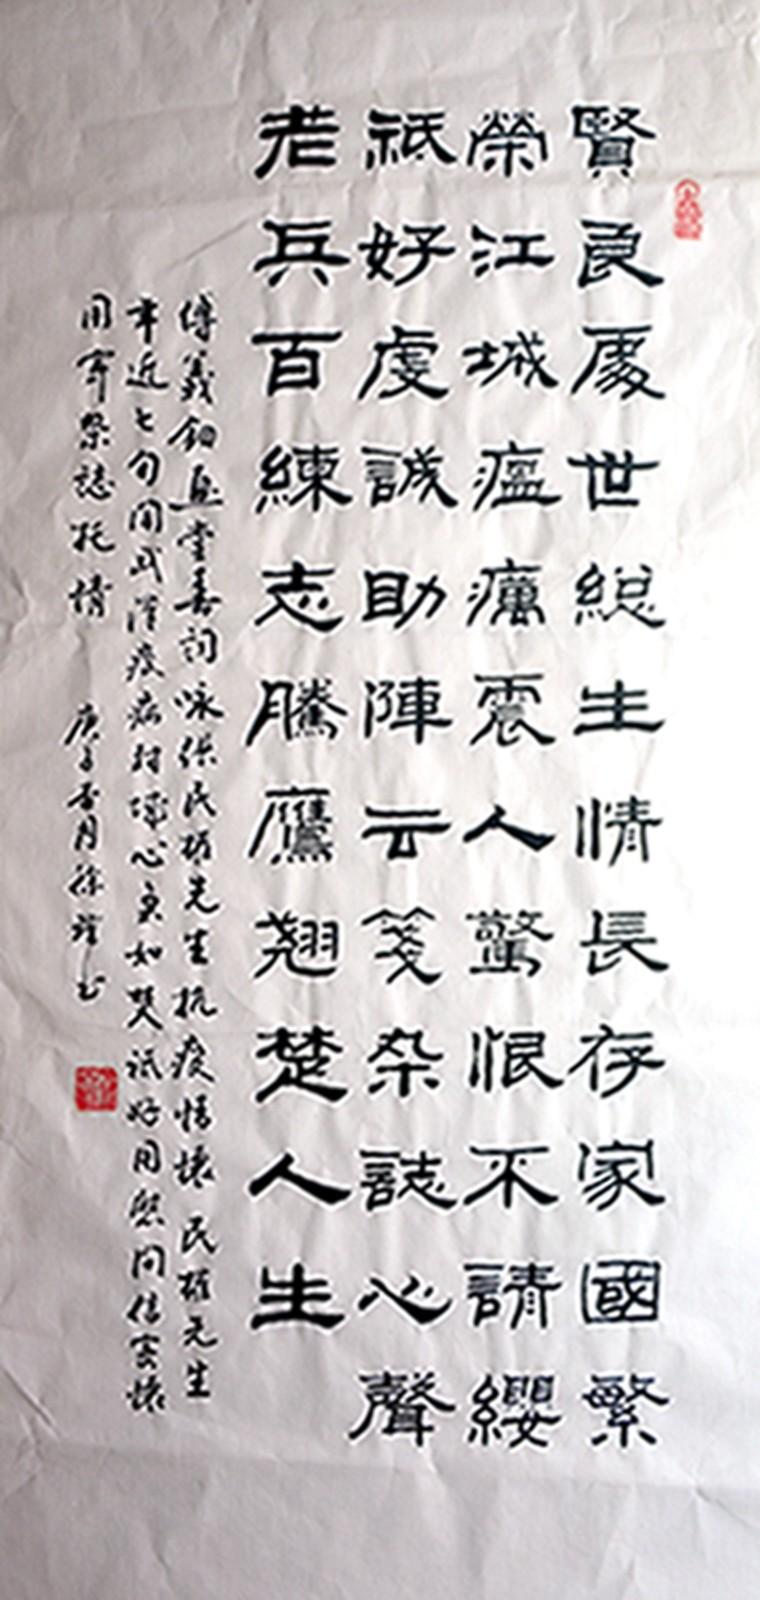 隶书 徐瑾  安乡县  13762601328.jpg